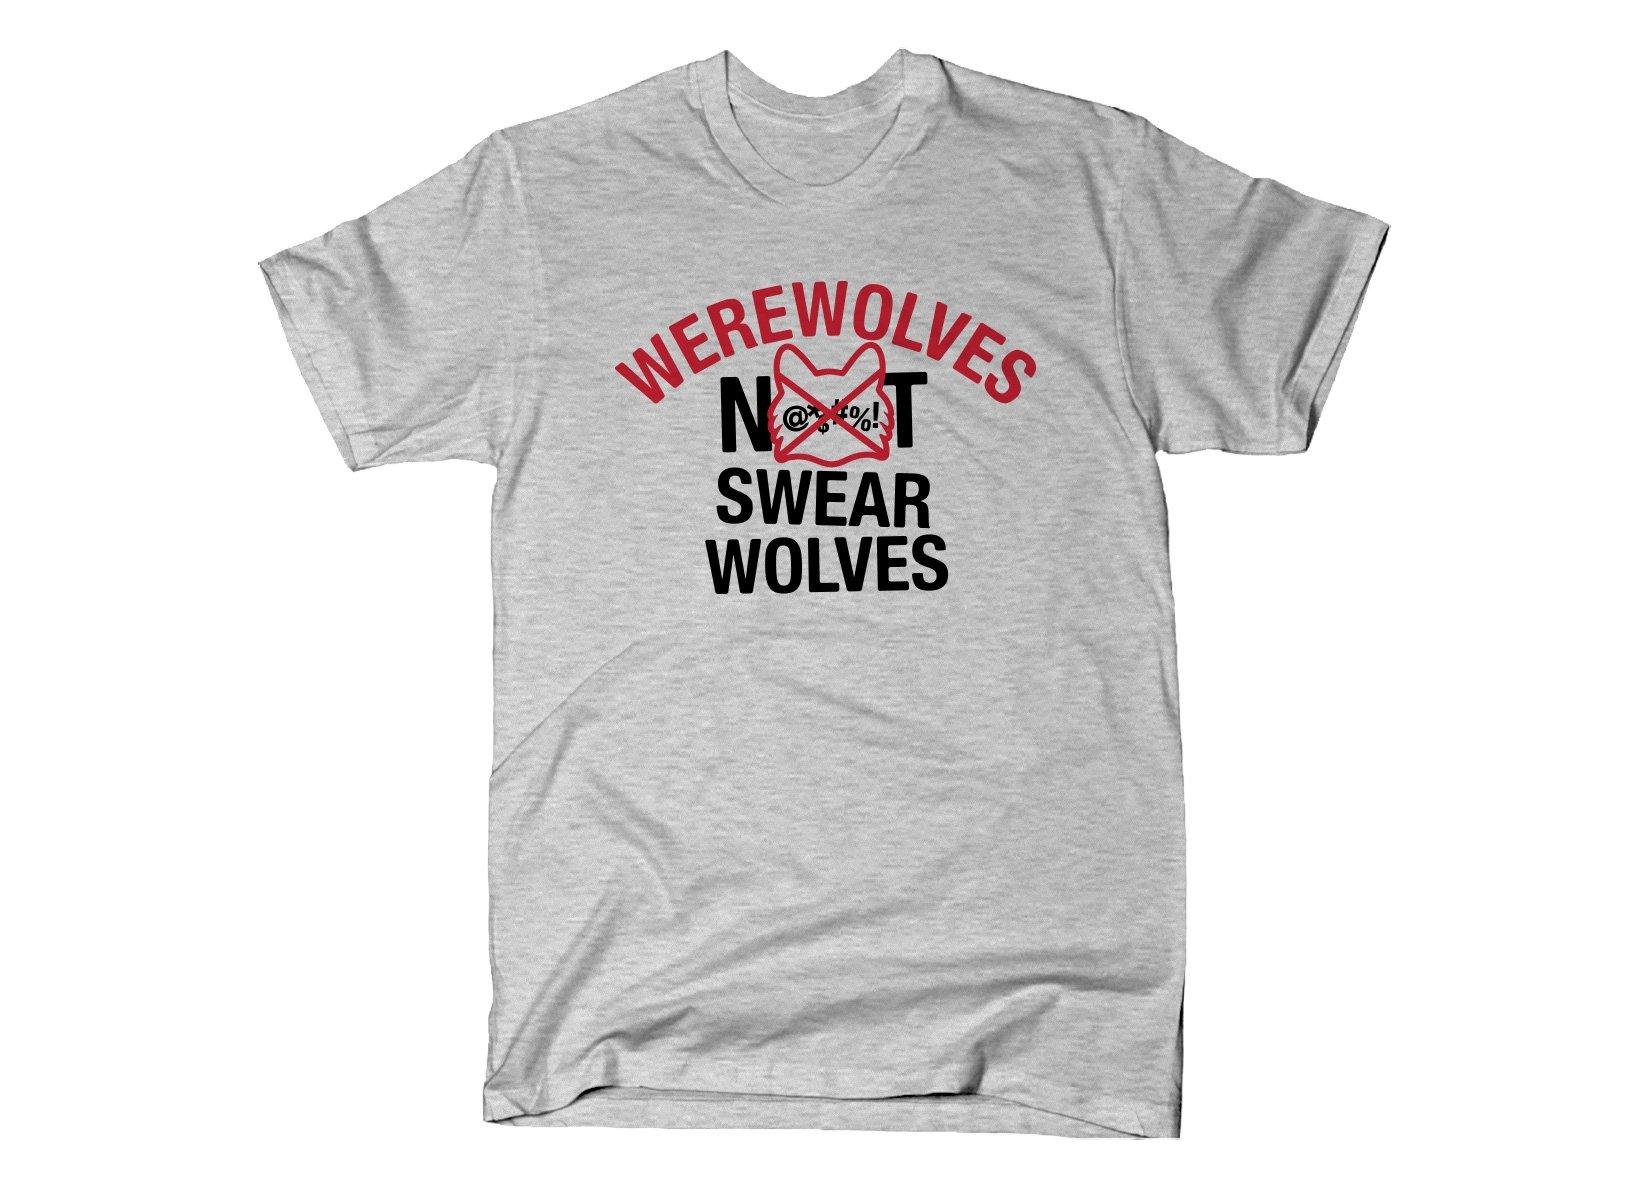 Werewolves Not Swearwolves